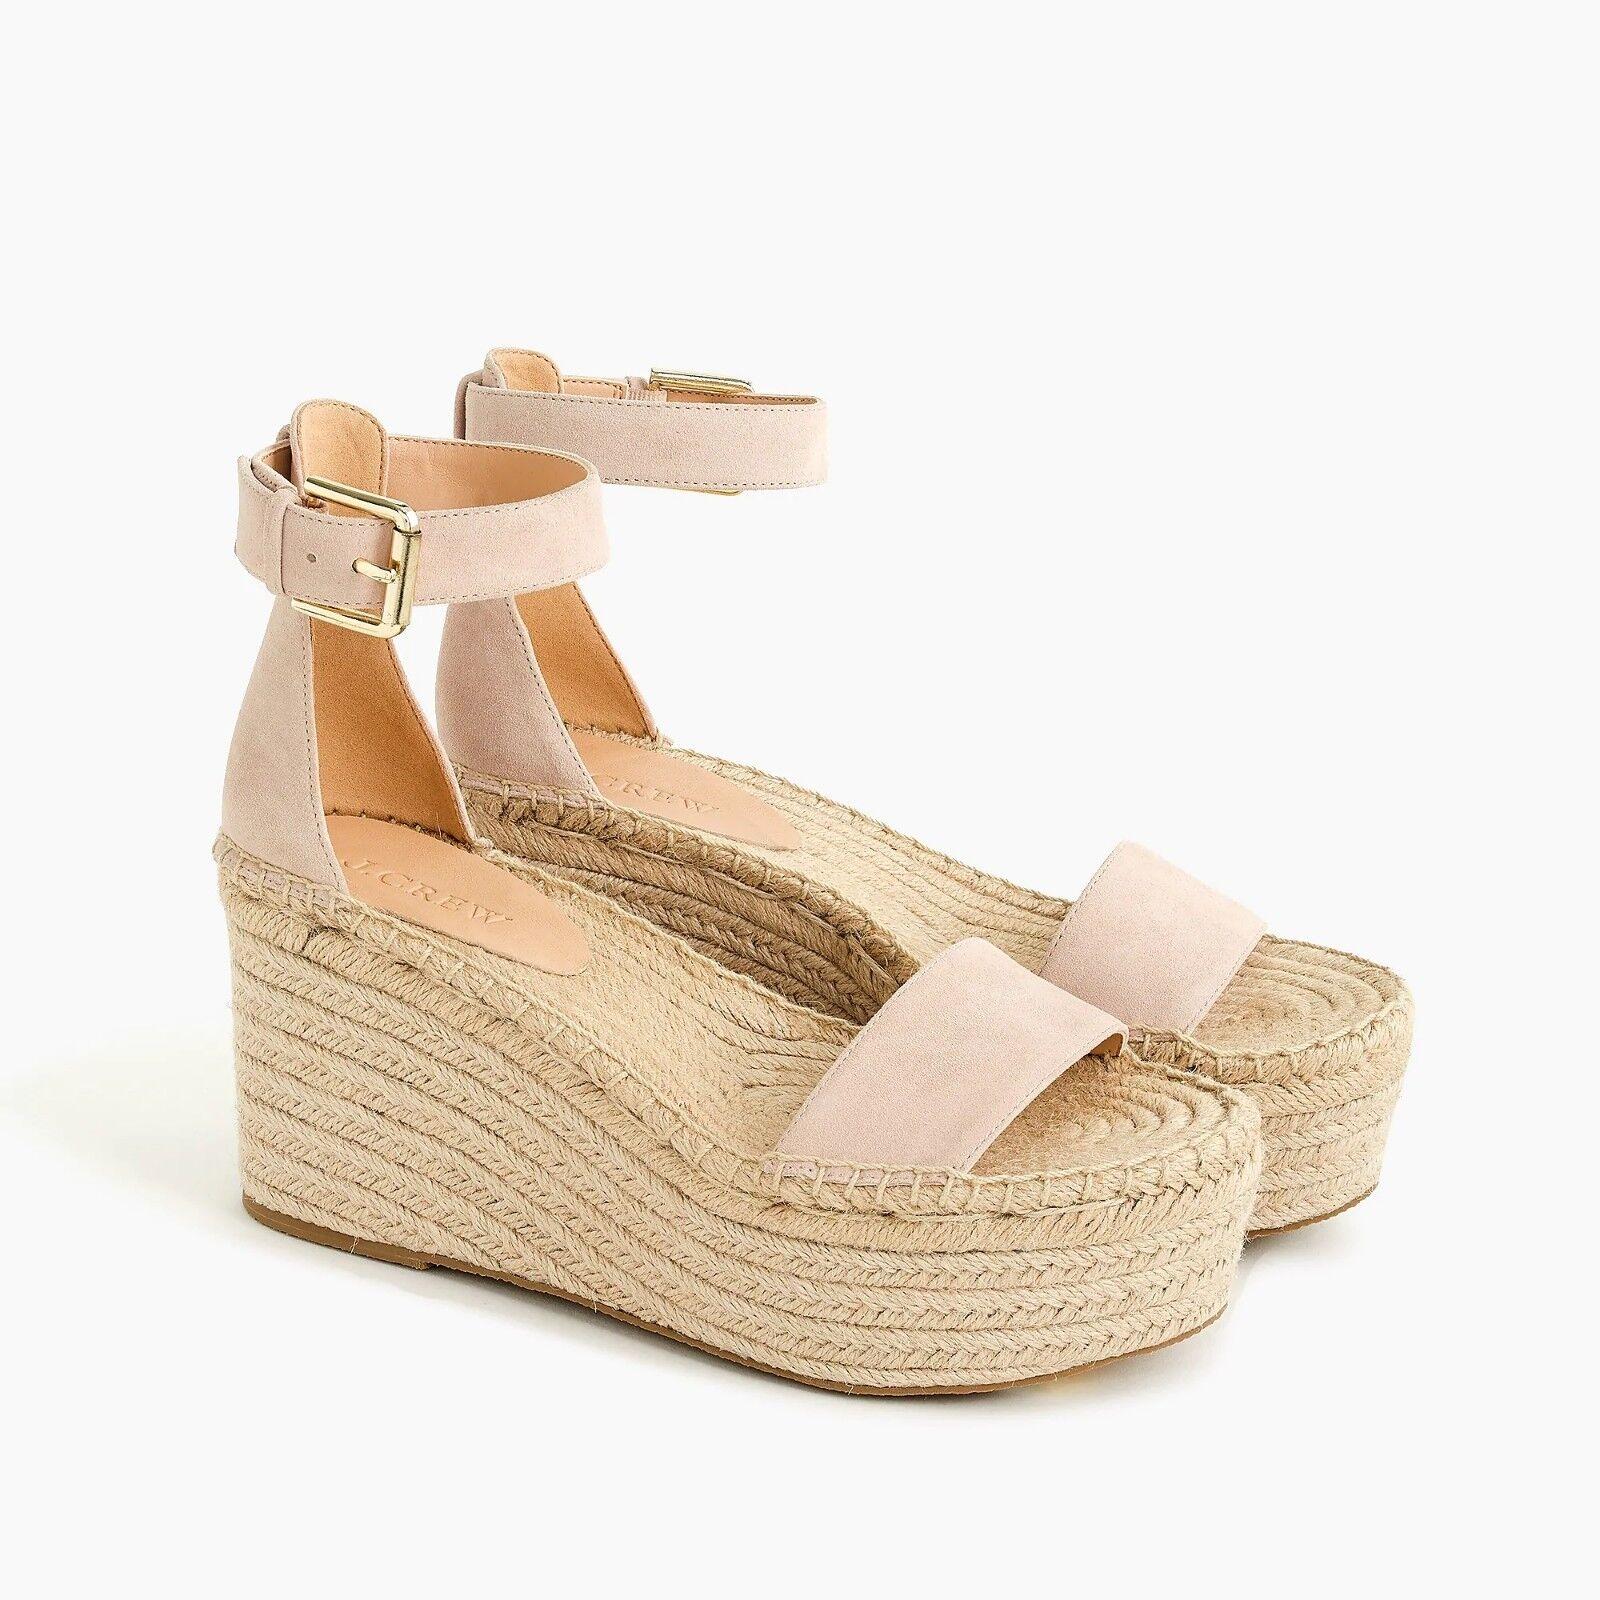 Nuevo con etiquetas J. Crew Para Mujeres Plataforma Zapato Gamuza Sandalias-delicado Pétalo-tamaño 6